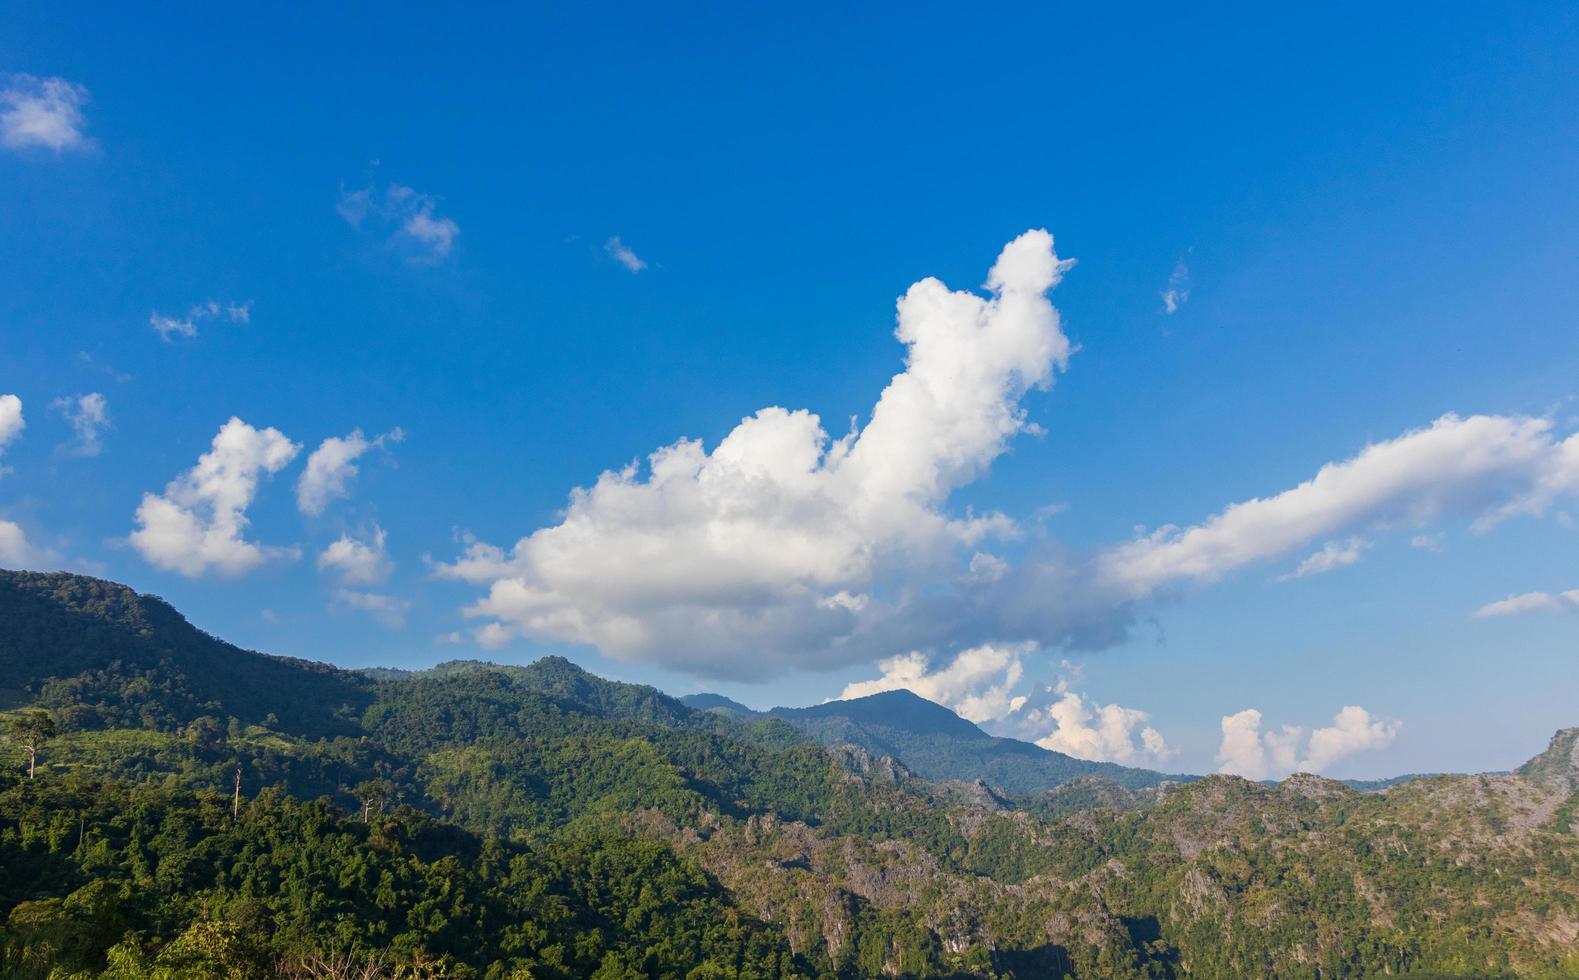 montañas y cielo azul foto